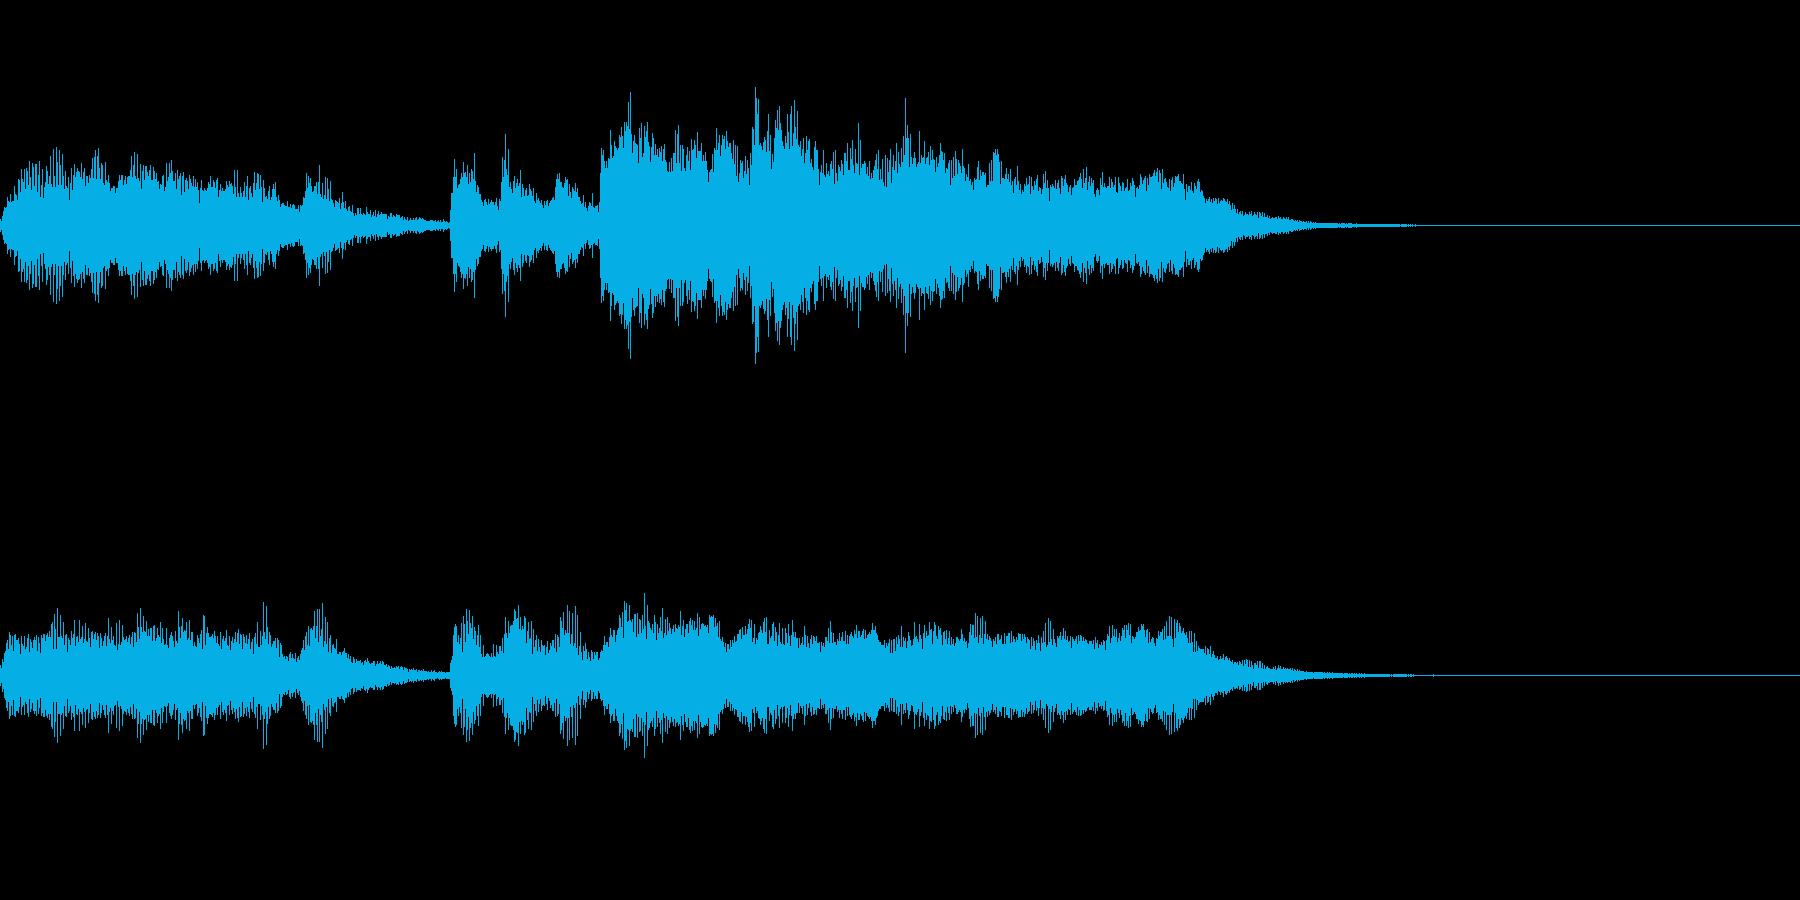 壮大なRPG風の勝利ファンファーレの再生済みの波形